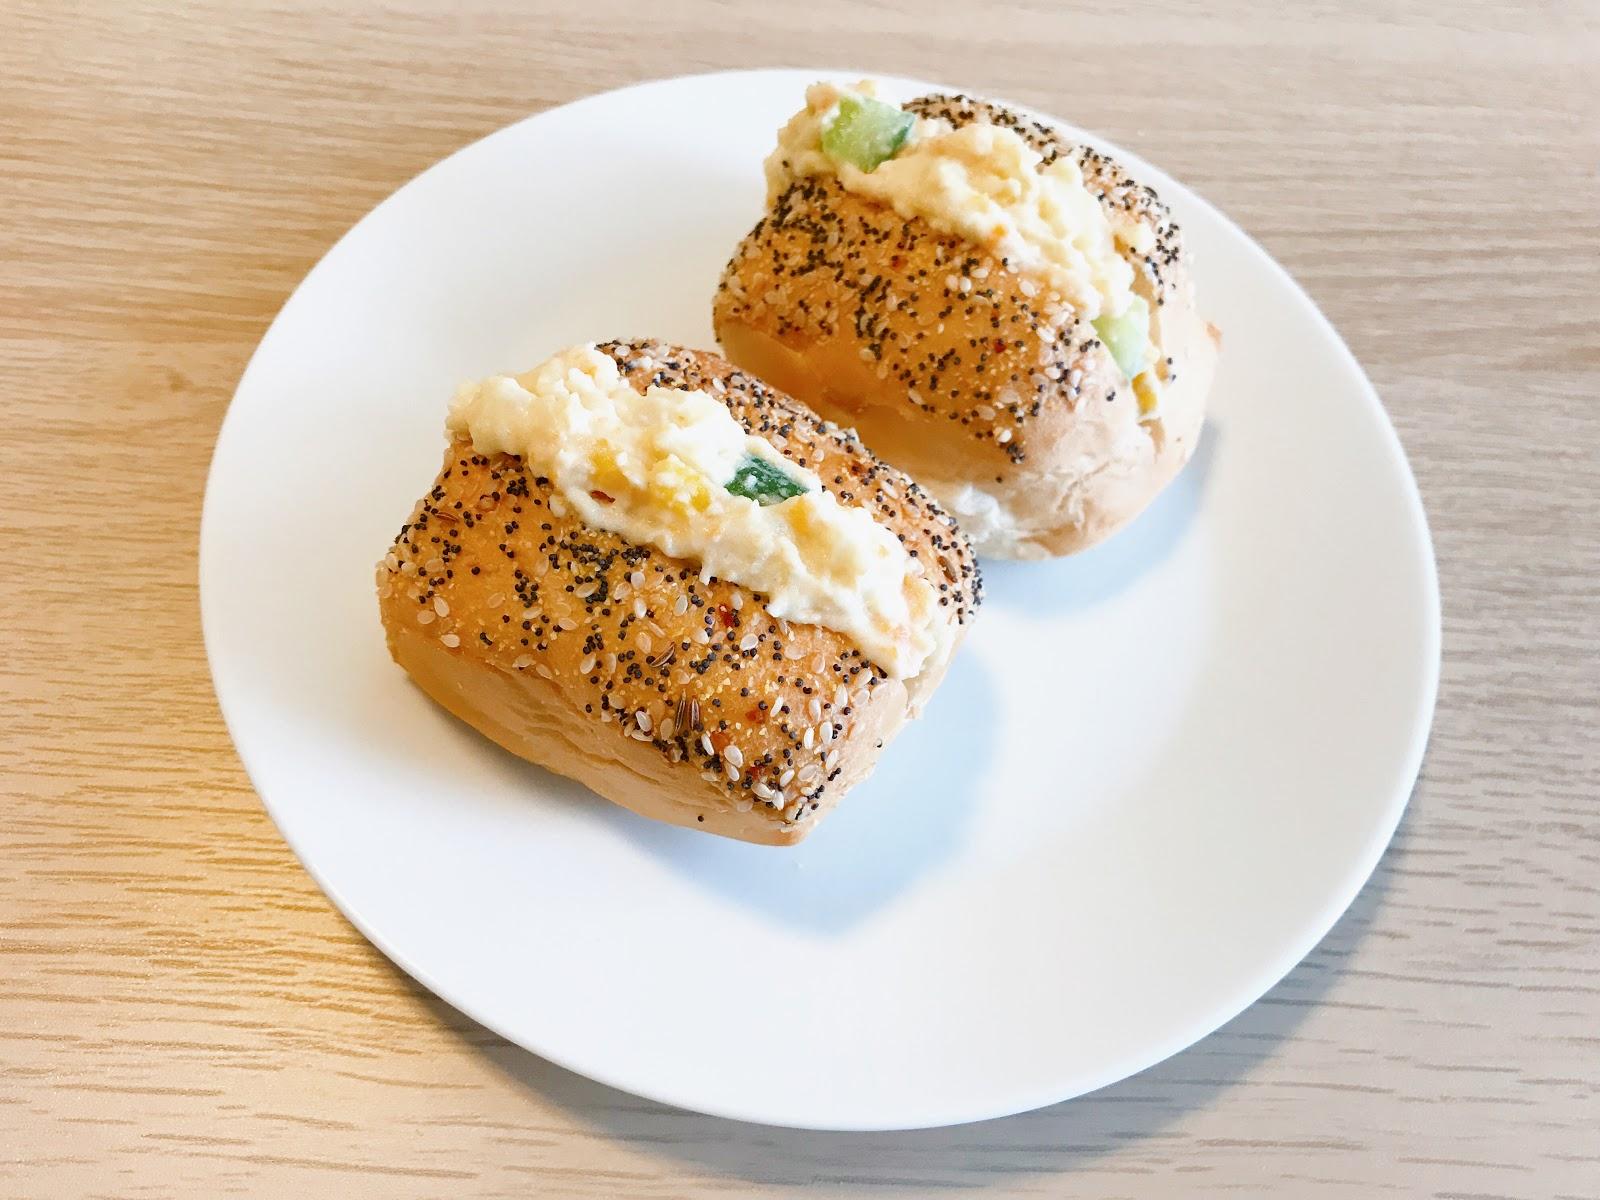 楊草莓的超級流水帳 ☆ Micoberry's Field: [COOK 食譜] Costco餐包簡單做馬鈴薯蛋沙拉麵包~